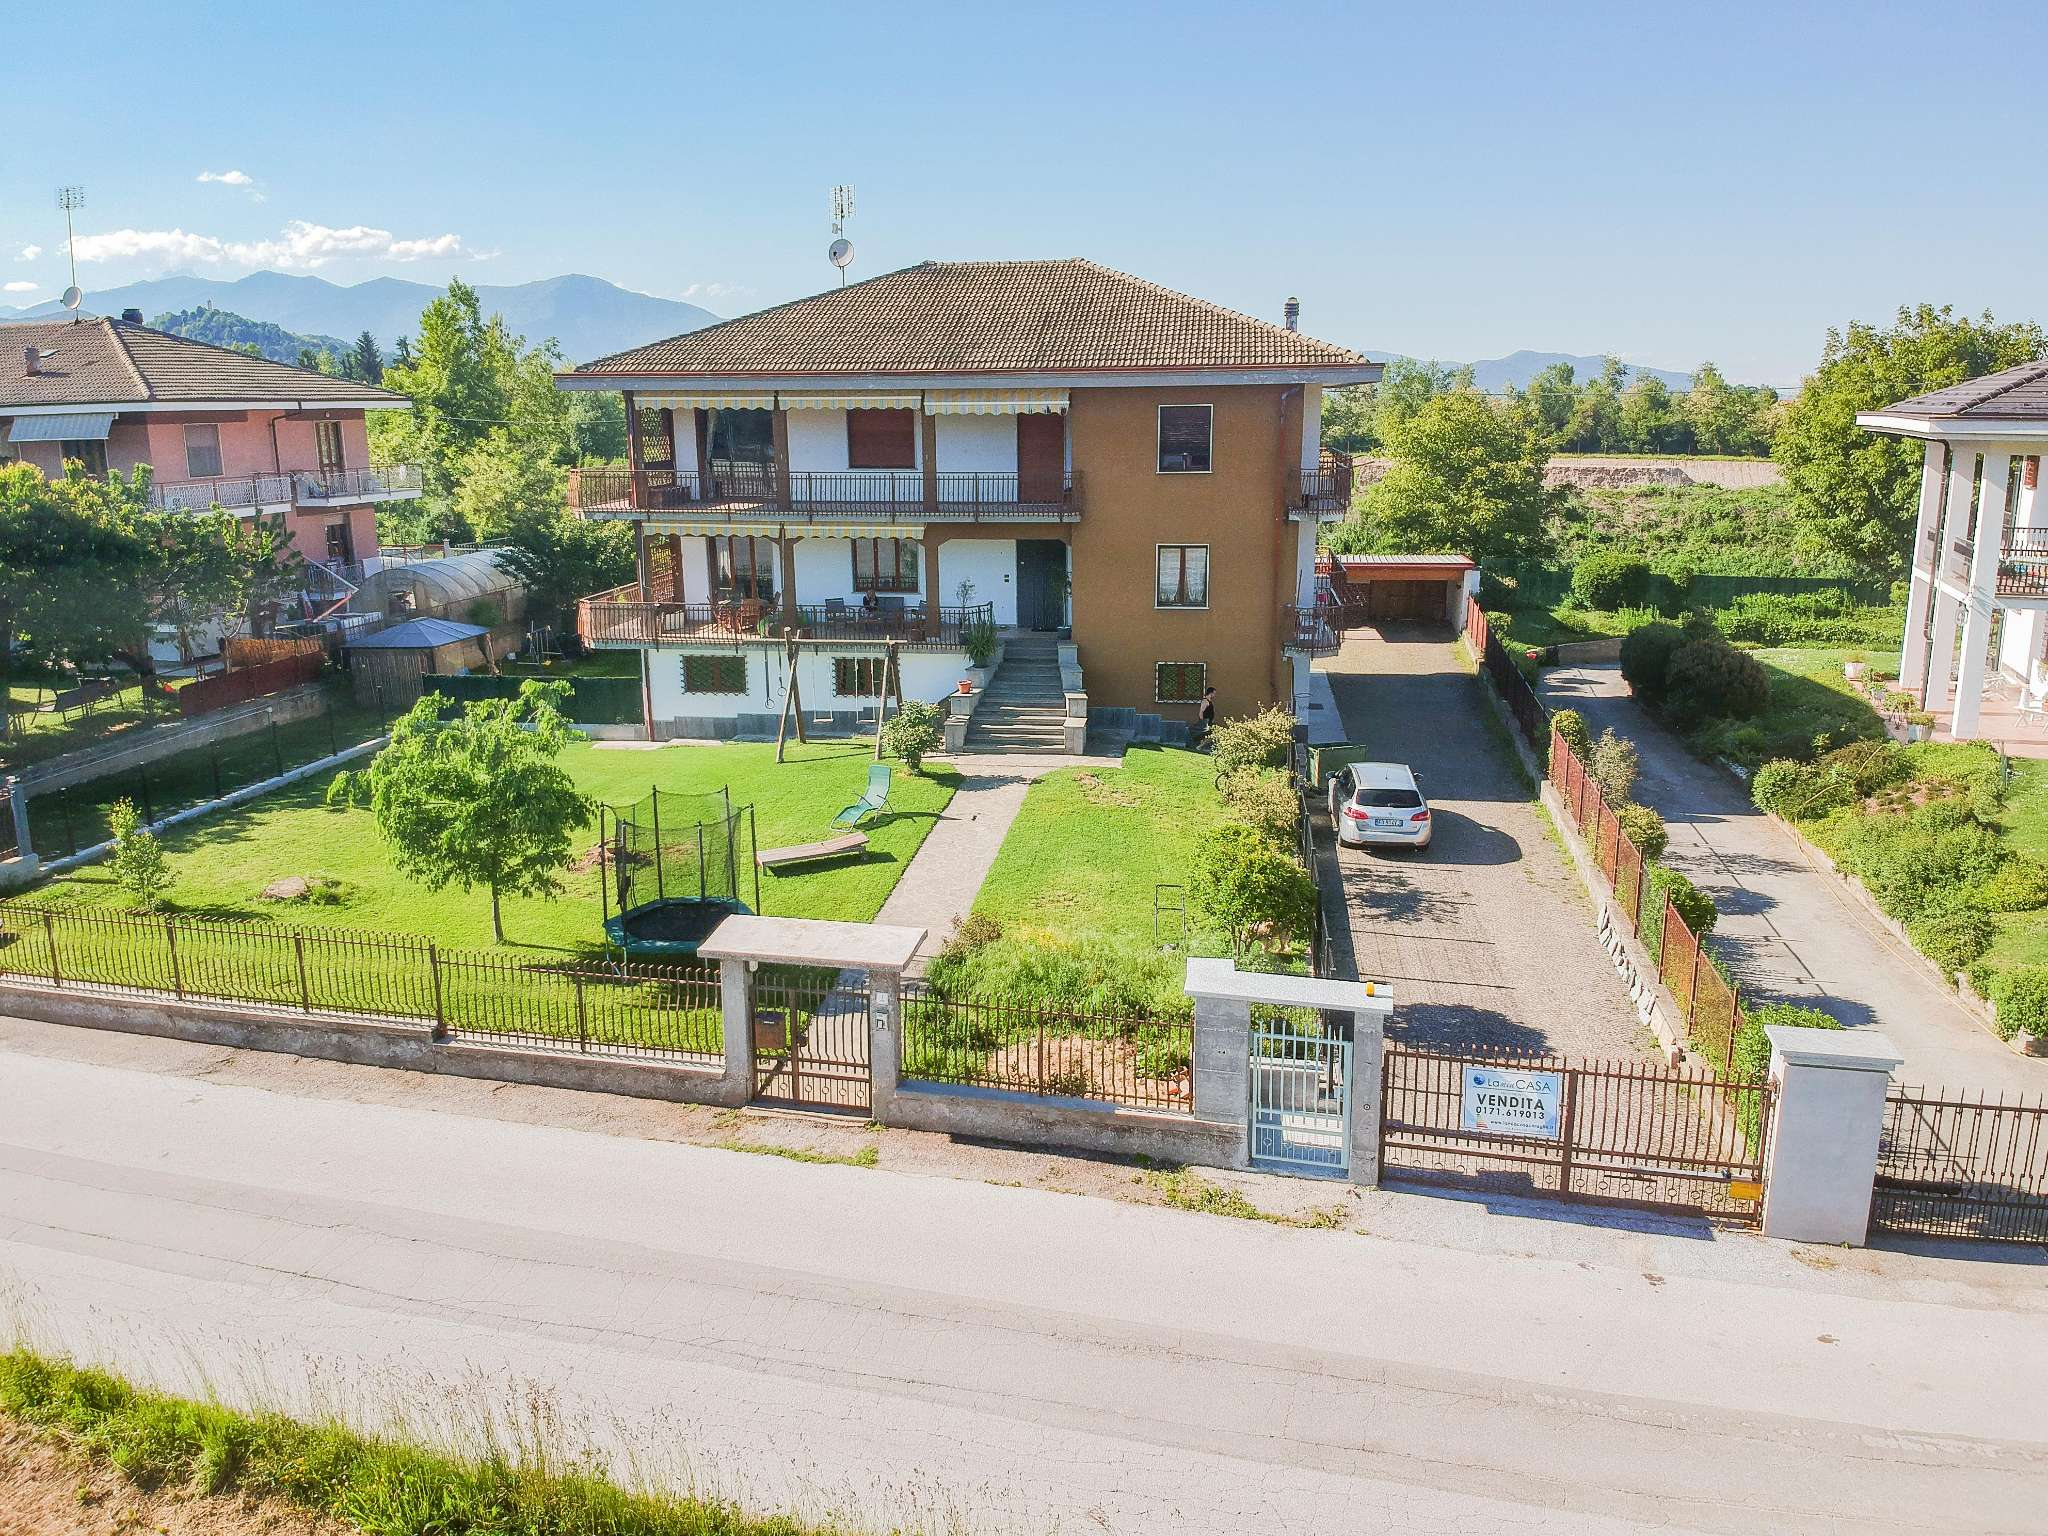 Appartamento in vendita a Caraglio, 5 locali, prezzo € 169.000 | PortaleAgenzieImmobiliari.it